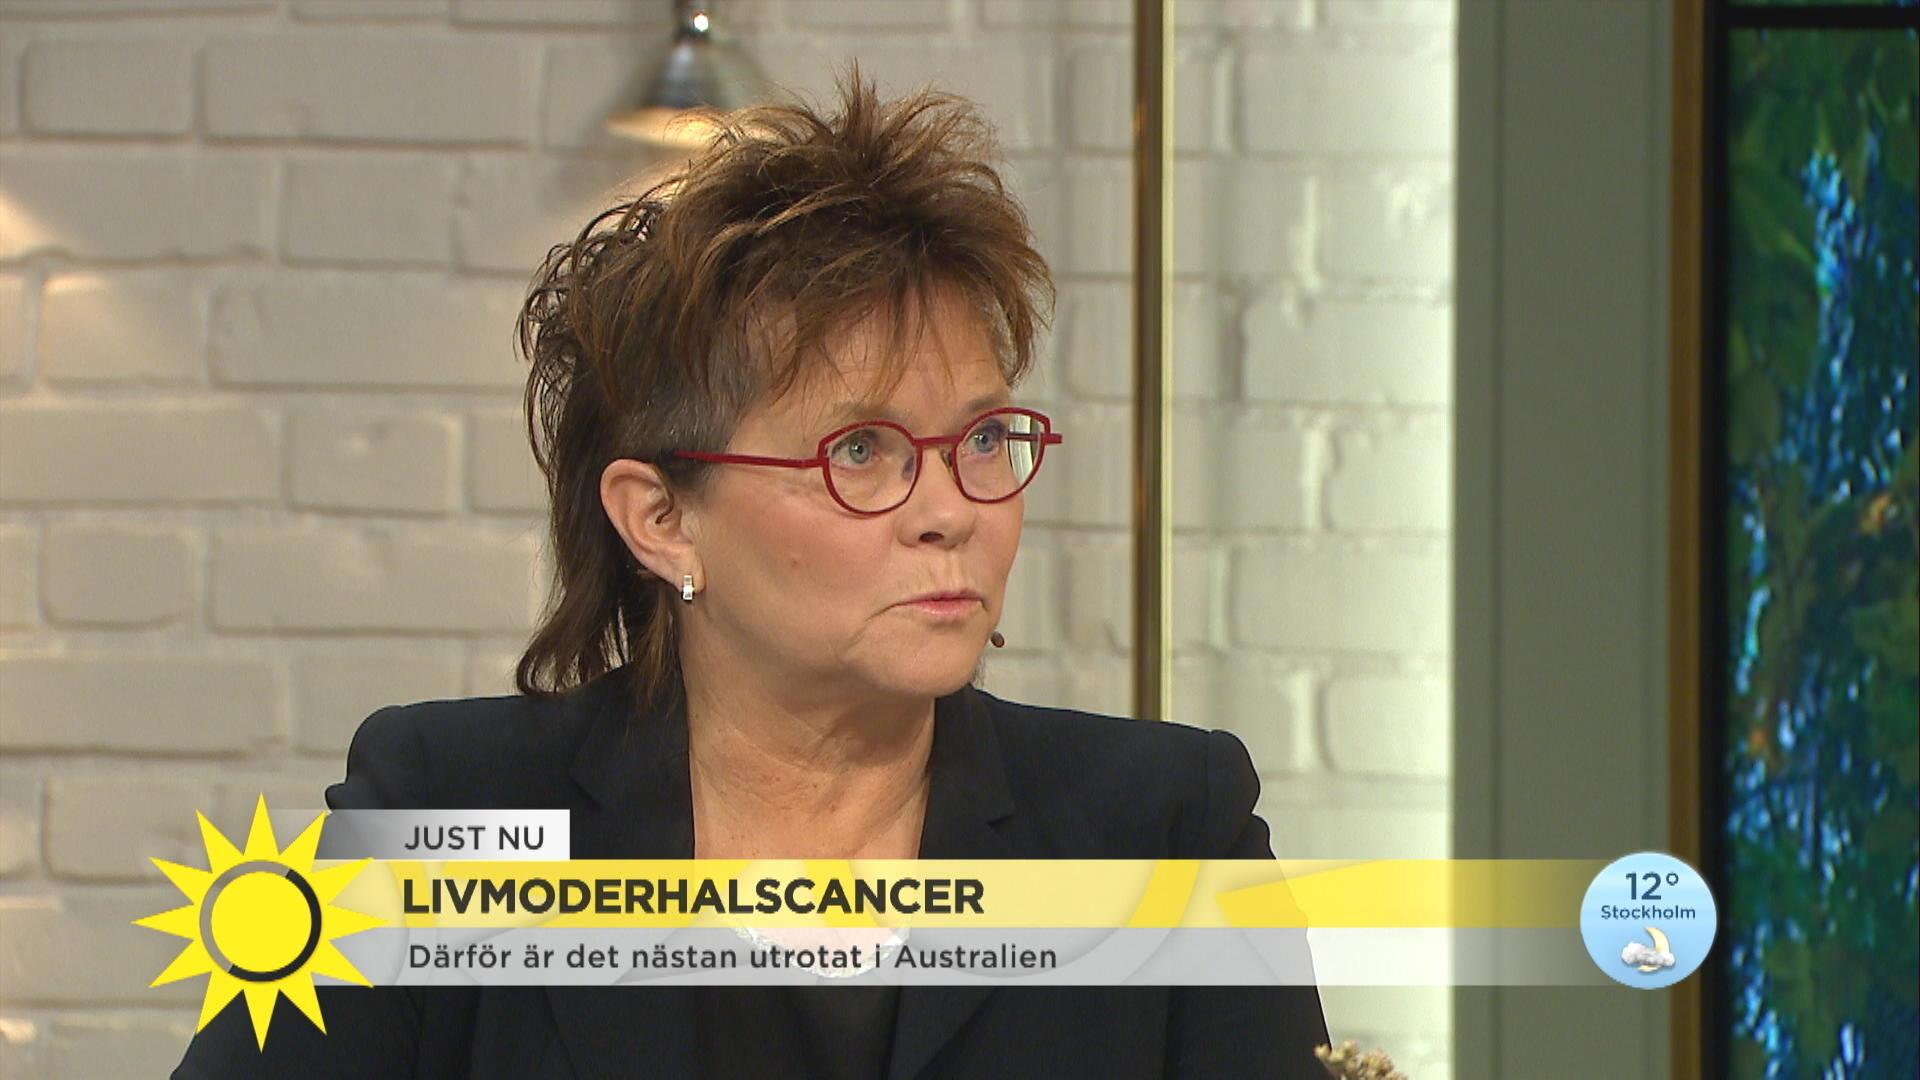 Australien Nära Att Utrota Livmoderhalscancer Sverige Ligger I